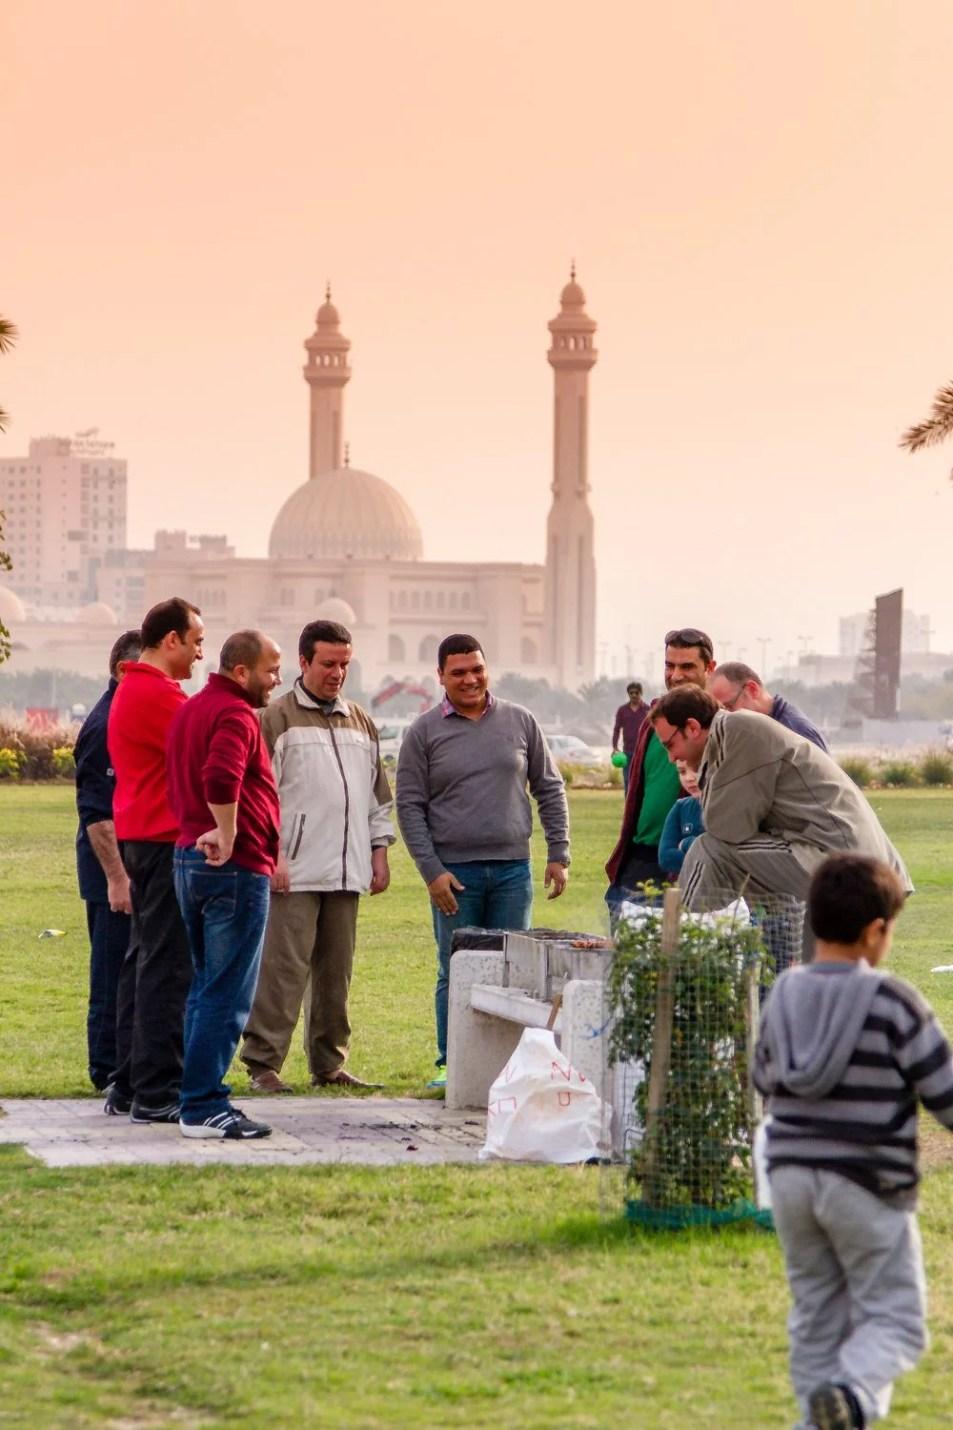 Nelson_Carvalheiro_Bahrain_1 (4)